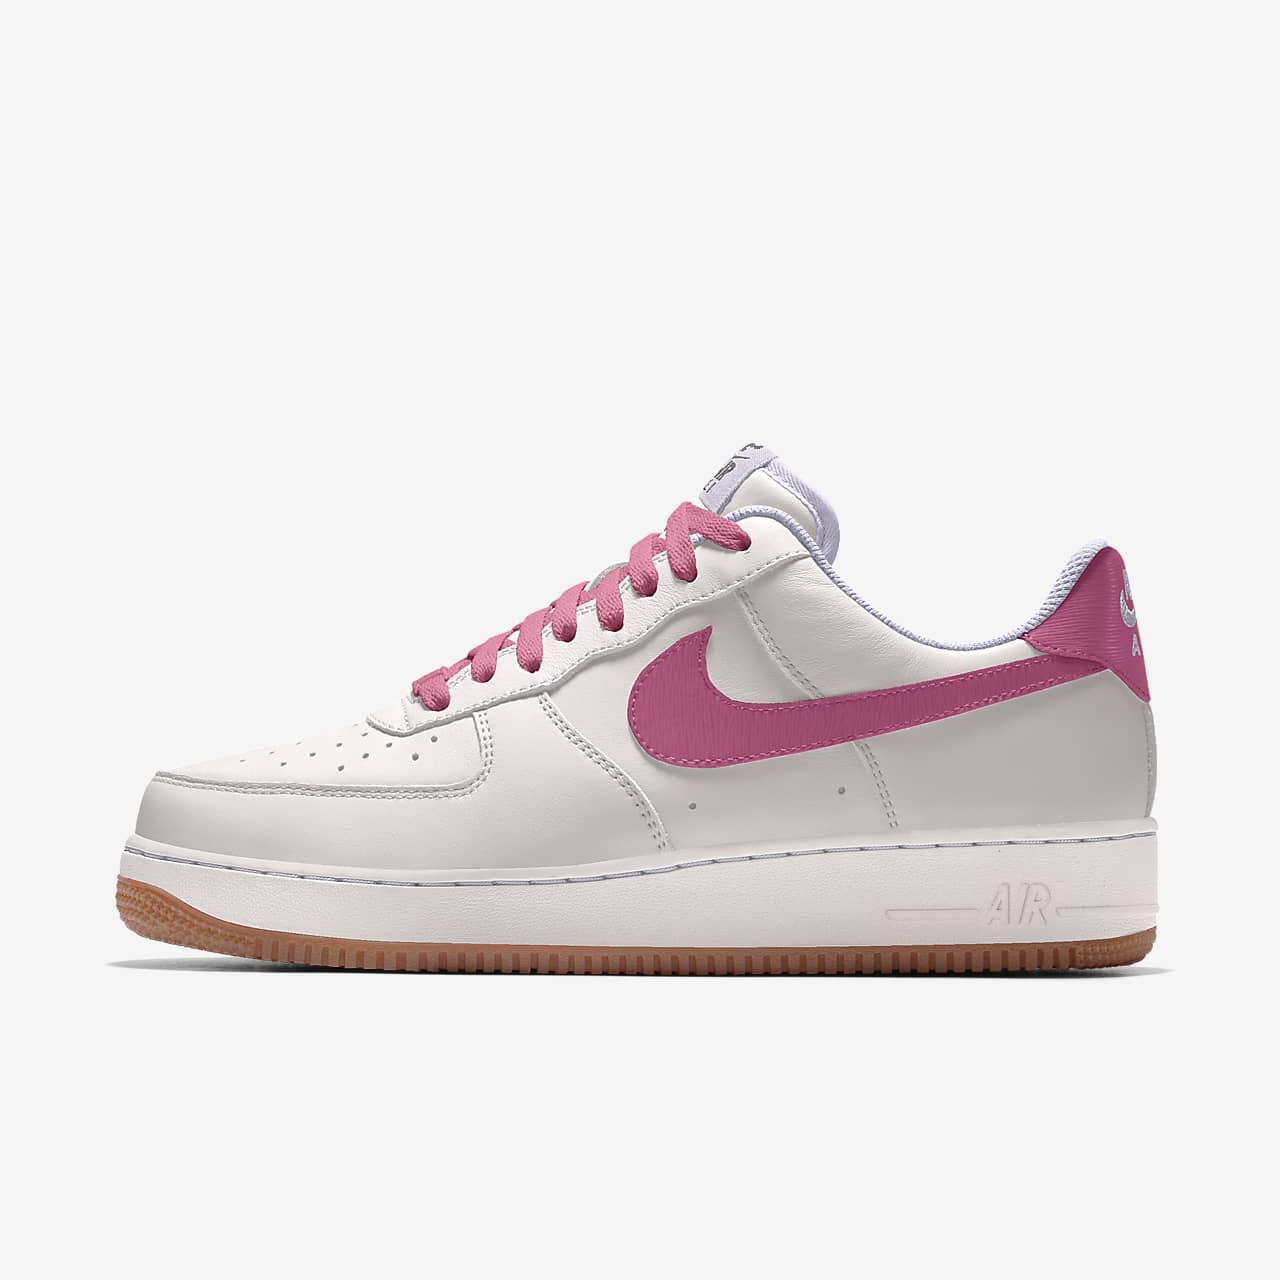 Nike Air Force 1 Low By You Kişiye Özel Kadın Ayakkabısı